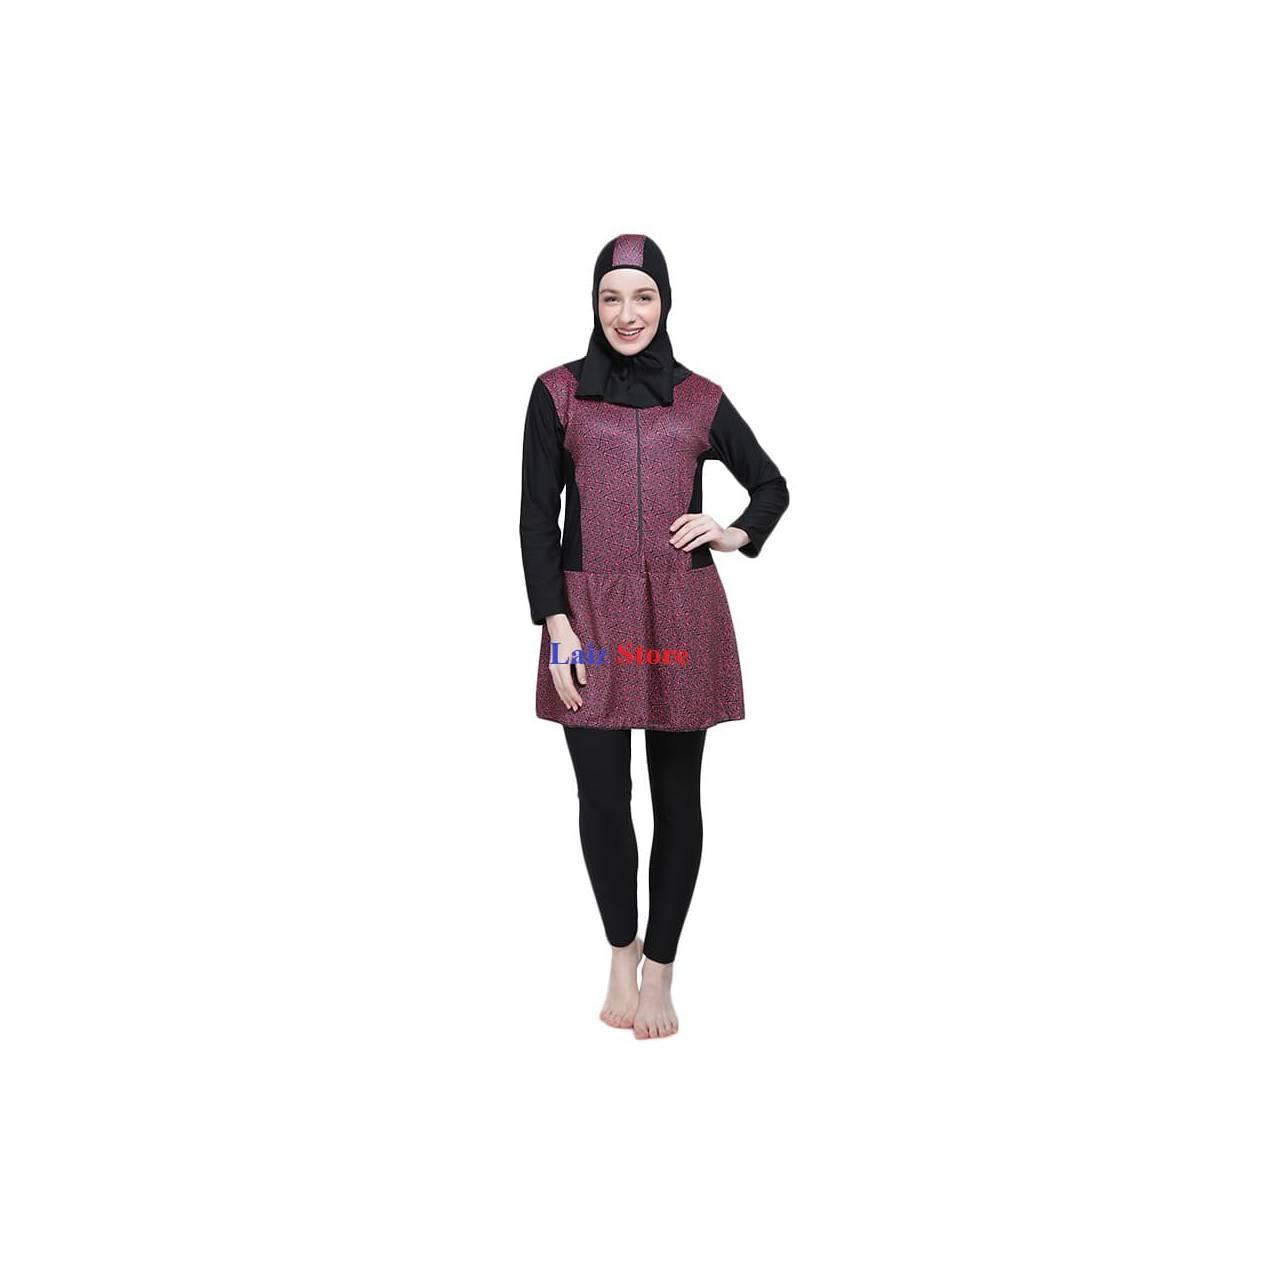 Baju renang muslim wanita / baju olahraga wanita JUMBO